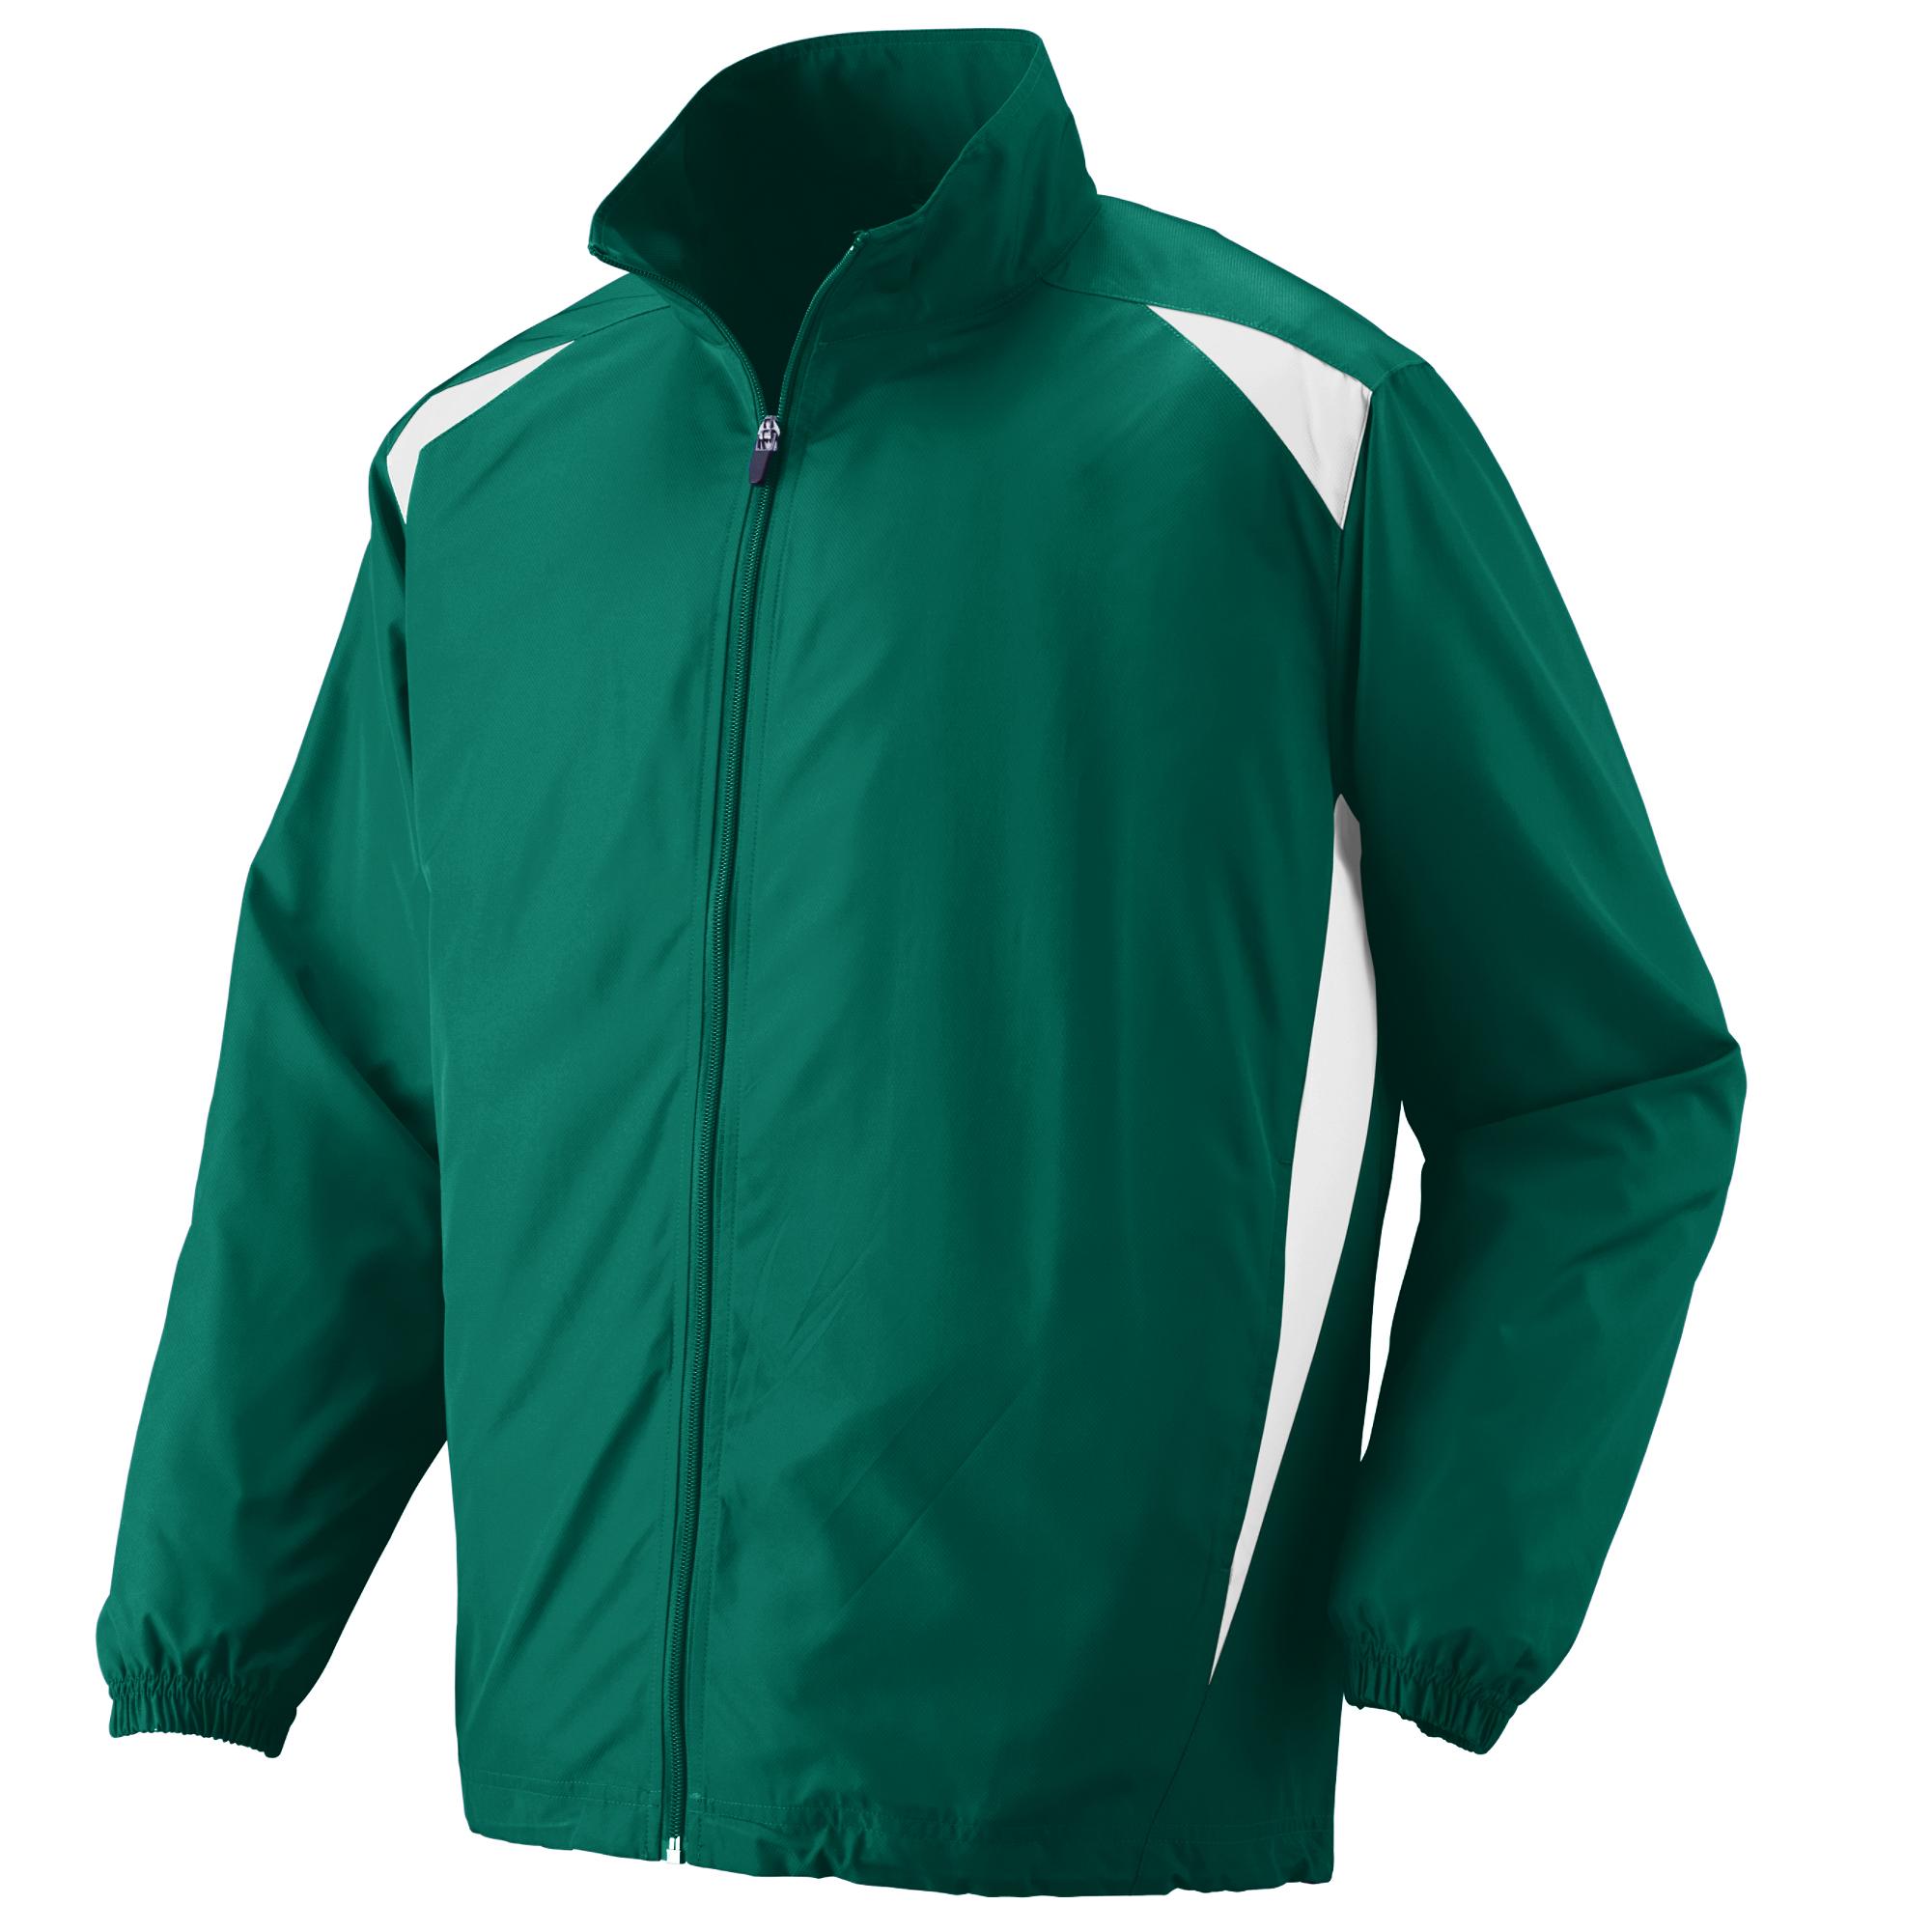 Augusta Sportswear MEN'S PREMIER JACKET 3700